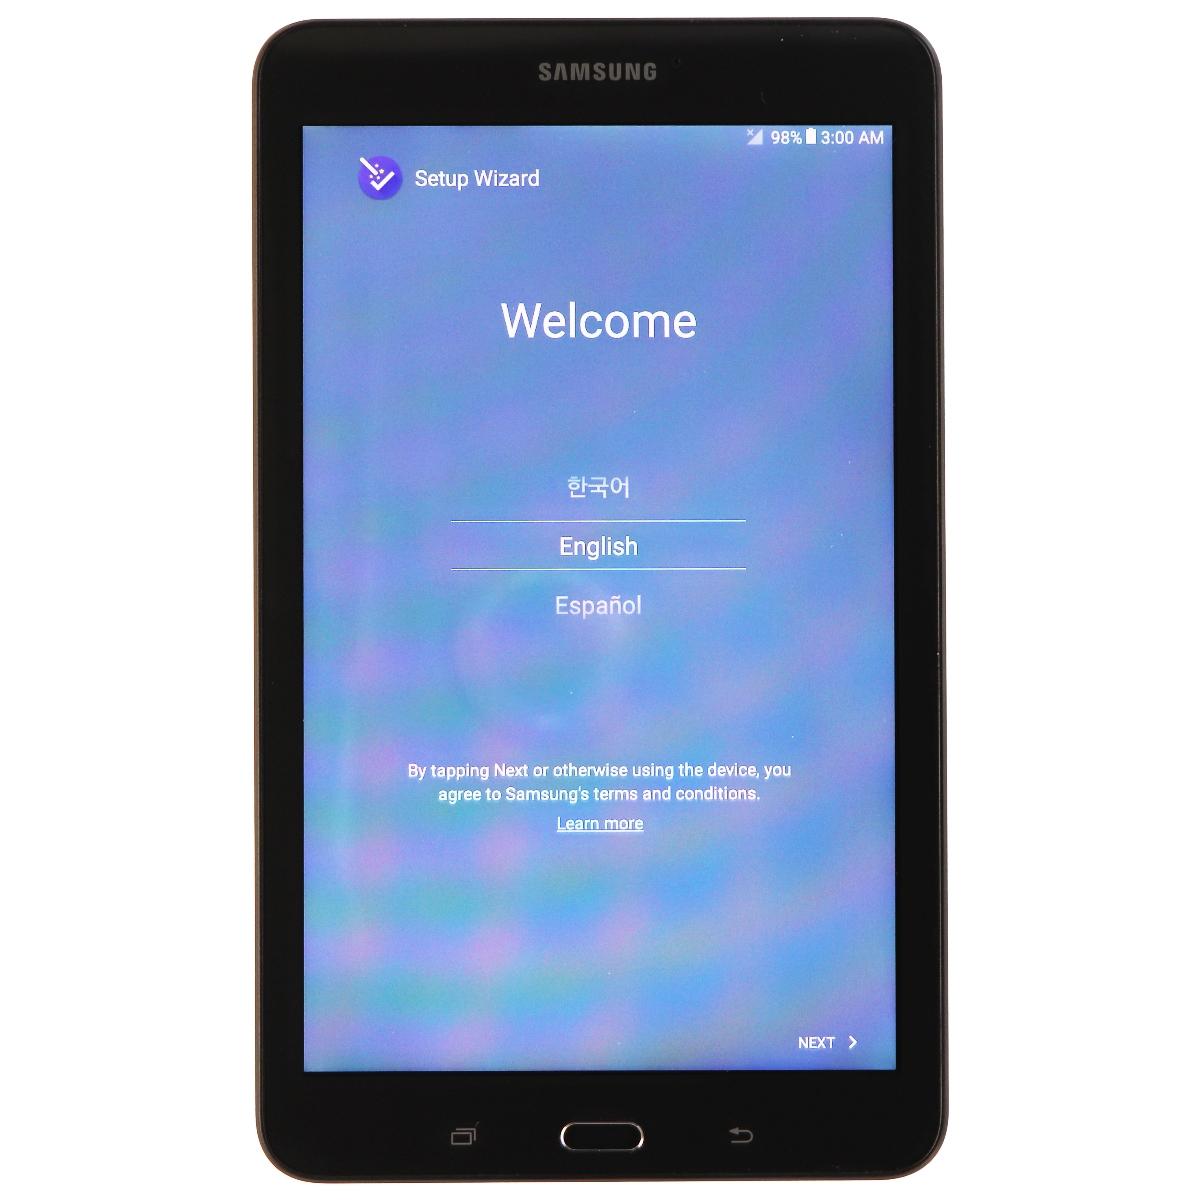 Samsung Galaxy Tab E SM-T377V 8 inch (WiFi & Verizon) Tablet - 16GB - Black